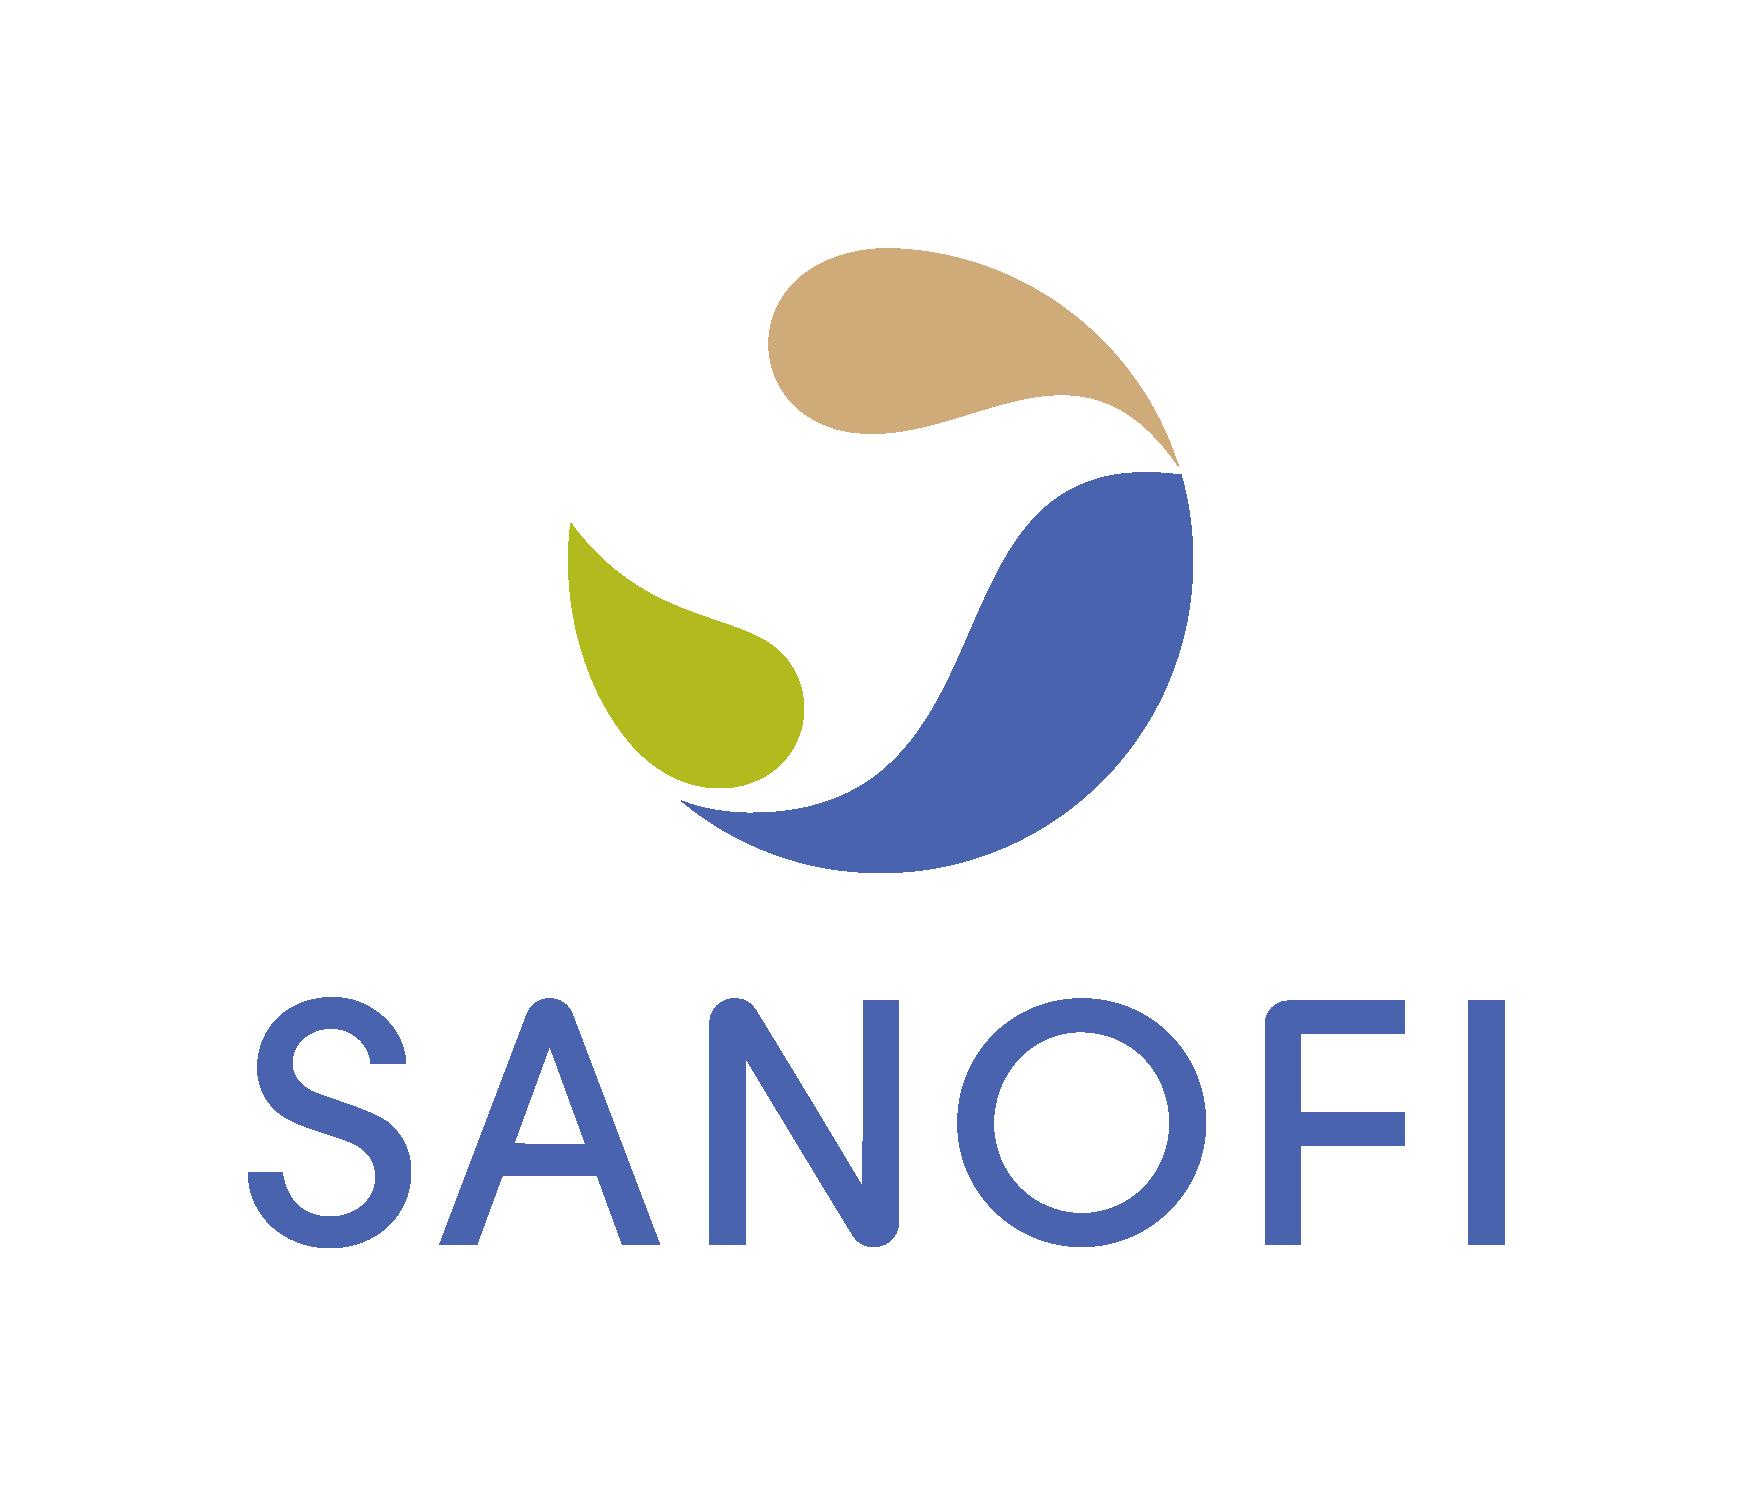 Sanofi - recherche médicale - partenaire CAP48